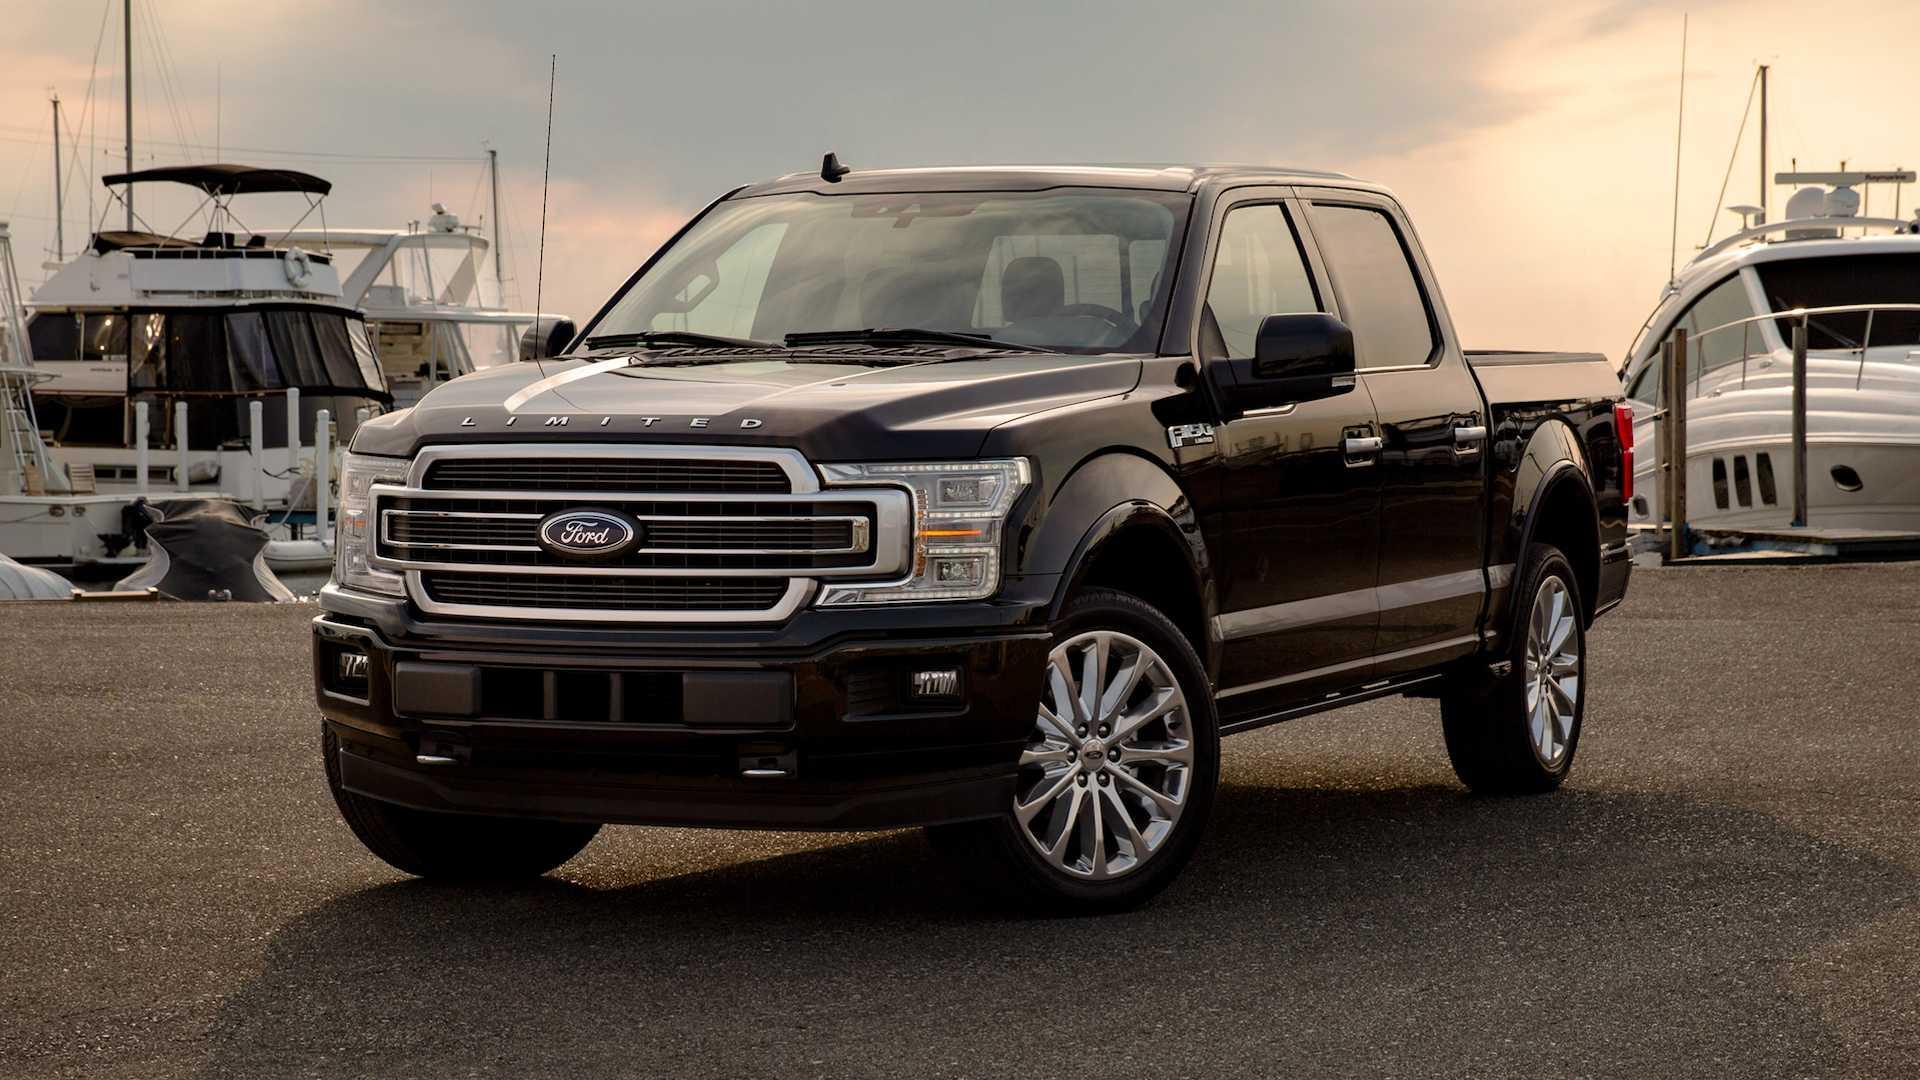 Ford F Series лидер в США и Канаде